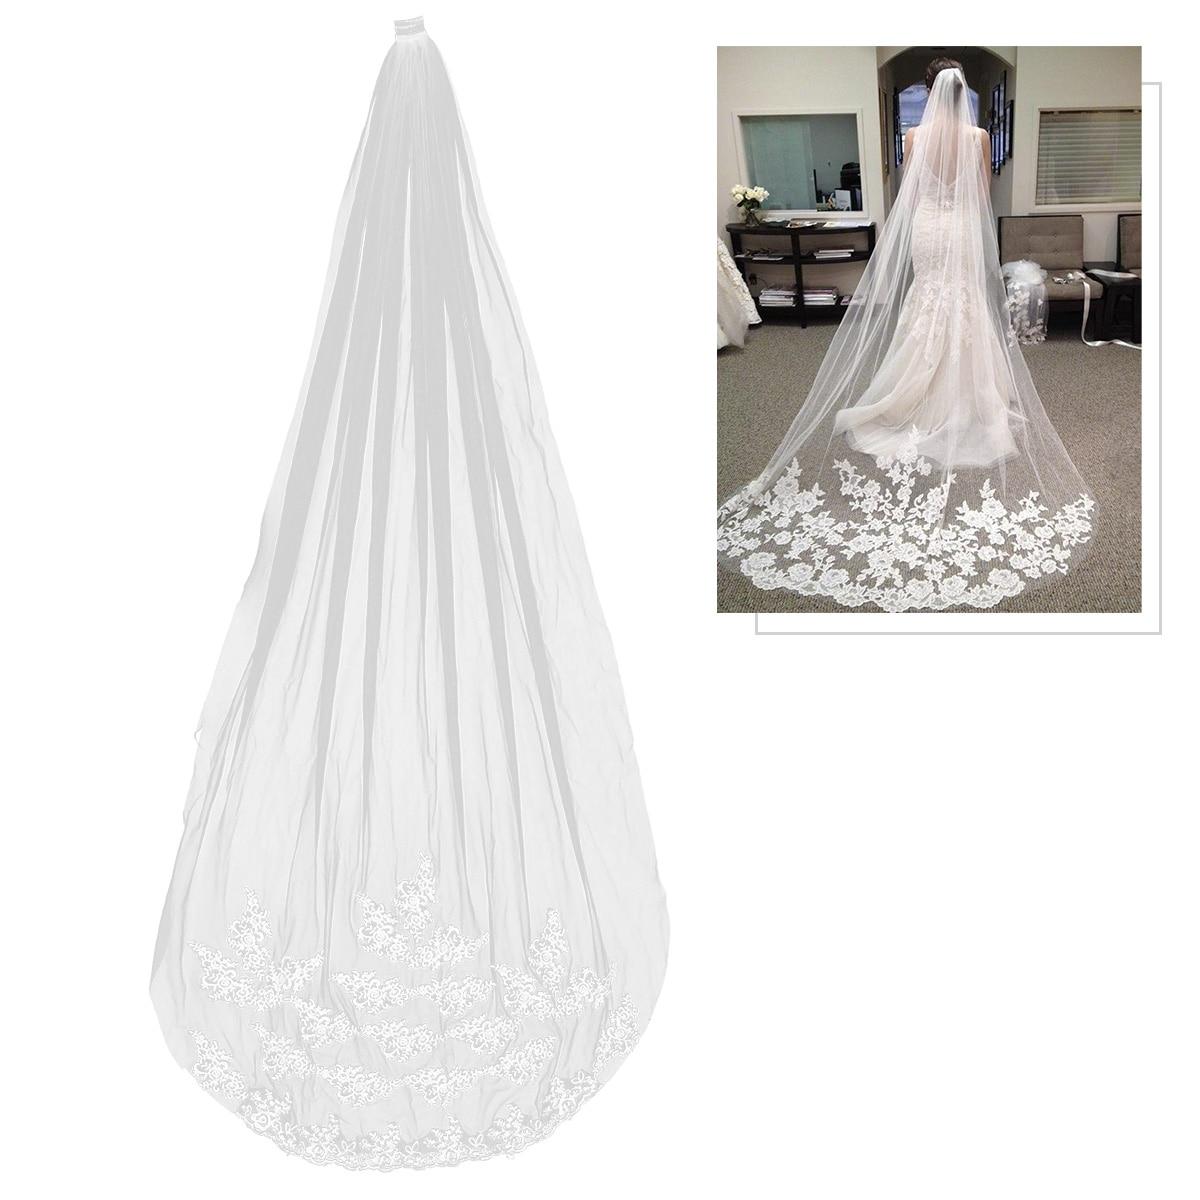 1 Pc Braut Schleier 3 Meter Lange Elegant Anmutig Hochzeit Schleier Haar Zubehör Boden Schleier Für Kommunion Hochzeit Weich Und Leicht